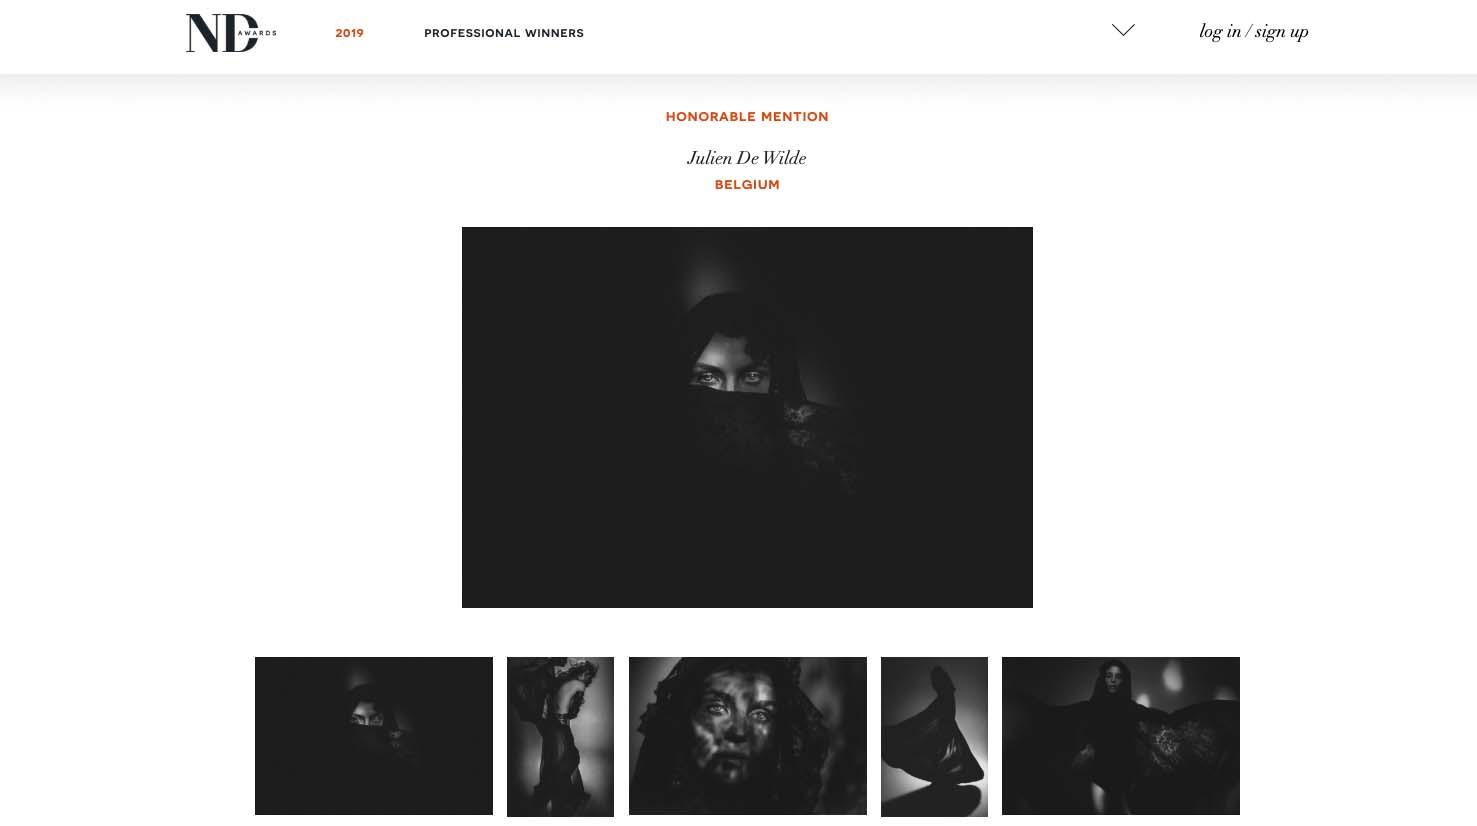 Julien De Wilde Photographer ND AWARDS 2019